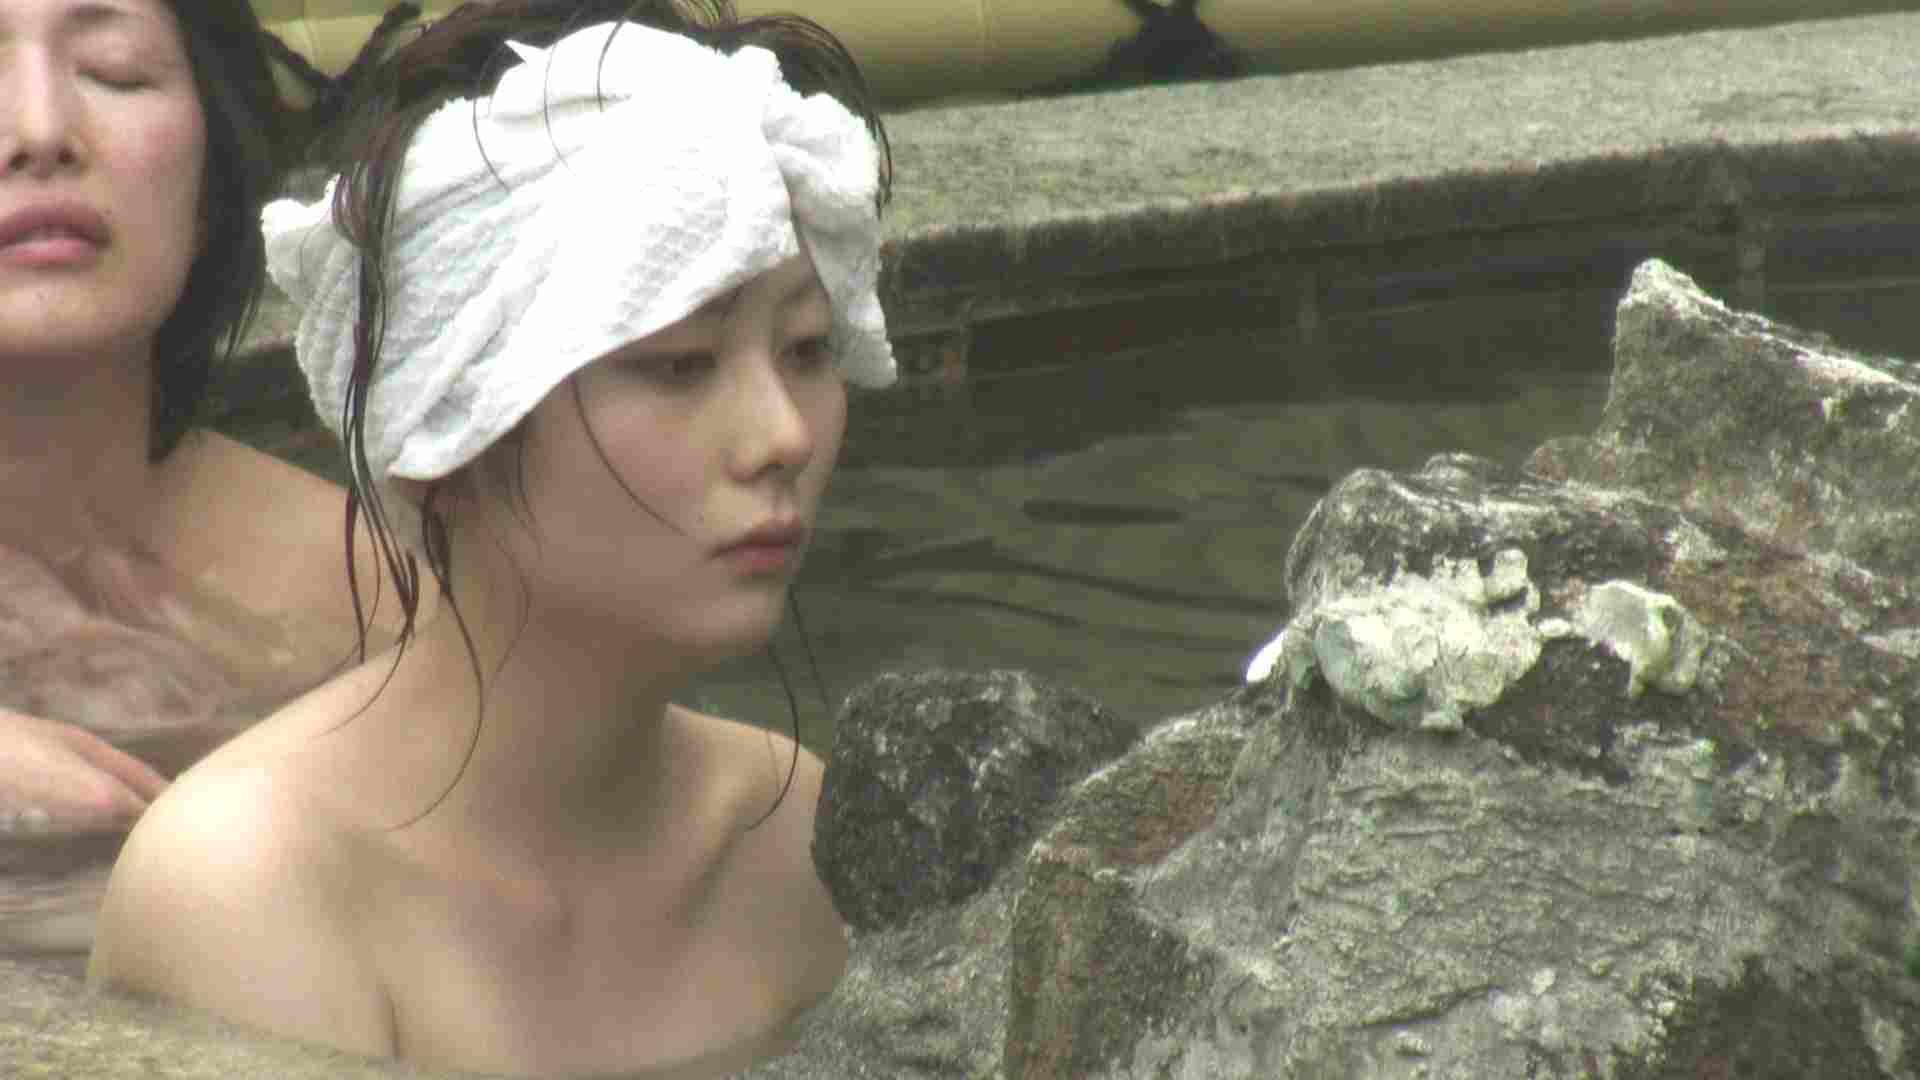 Aquaな露天風呂Vol.147 盗撮シリーズ  80PIX 20